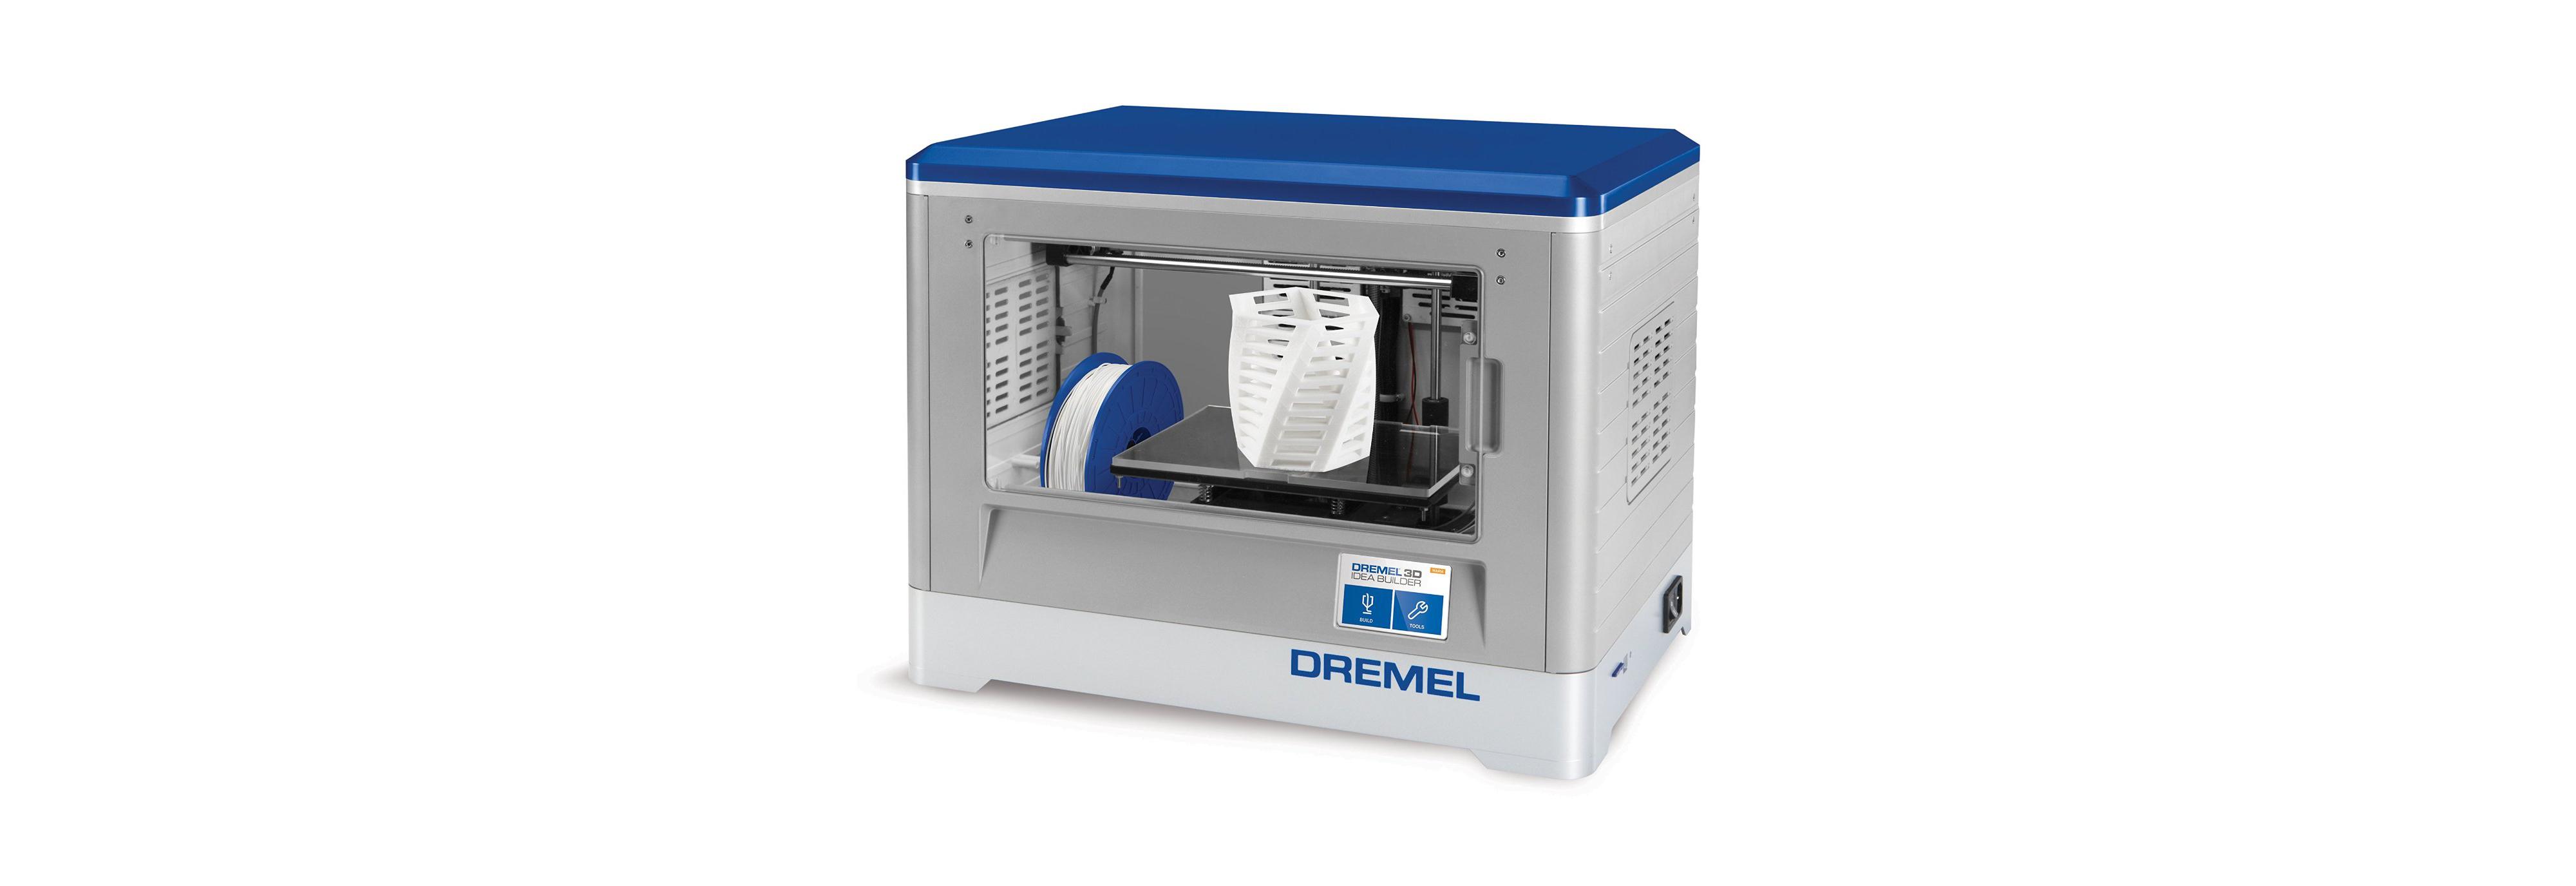 dremel idea builder 3d printer christmas wishes gifts. Black Bedroom Furniture Sets. Home Design Ideas